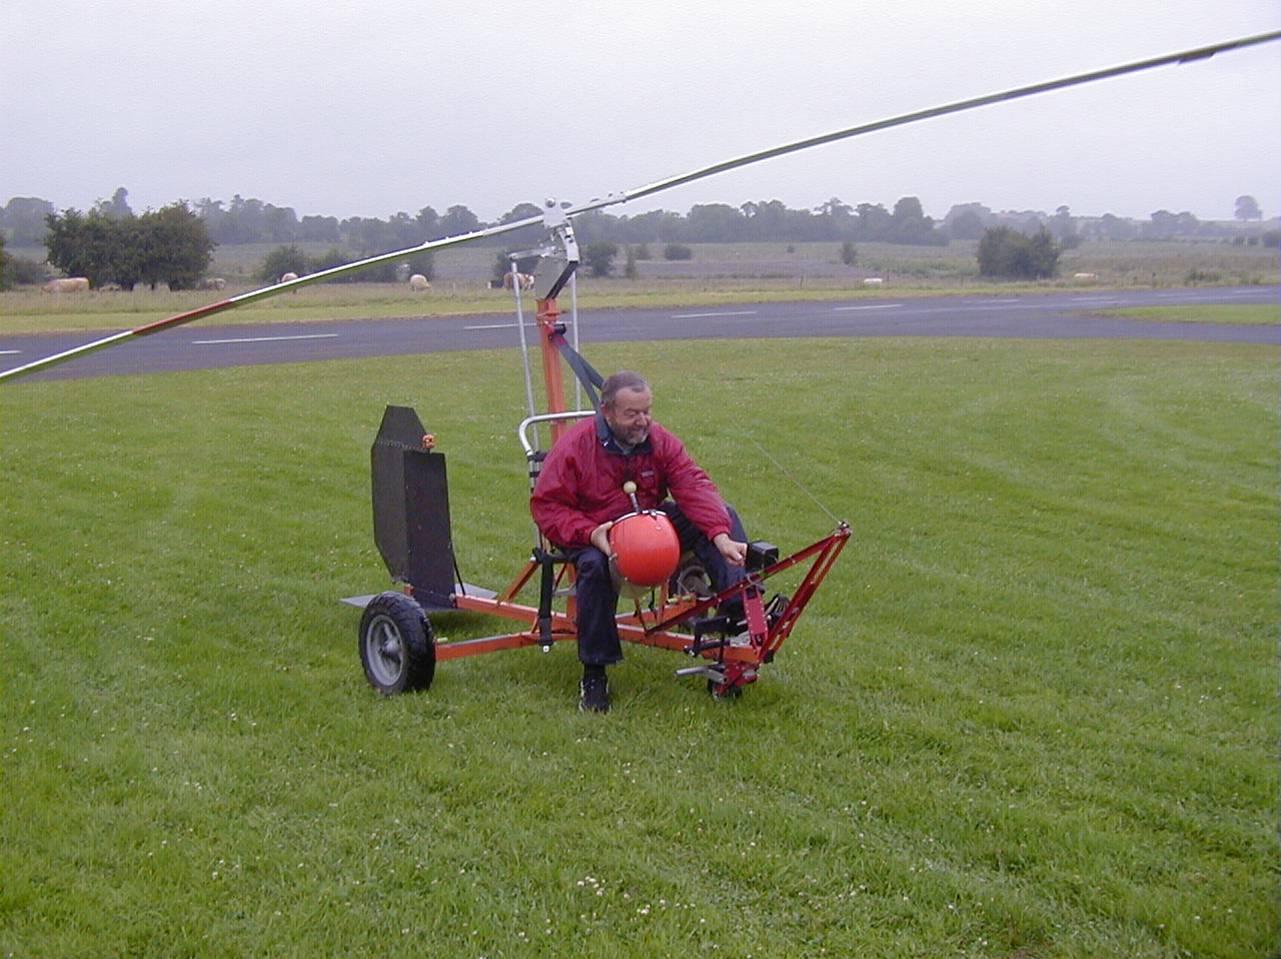 B8-Kite.jpg